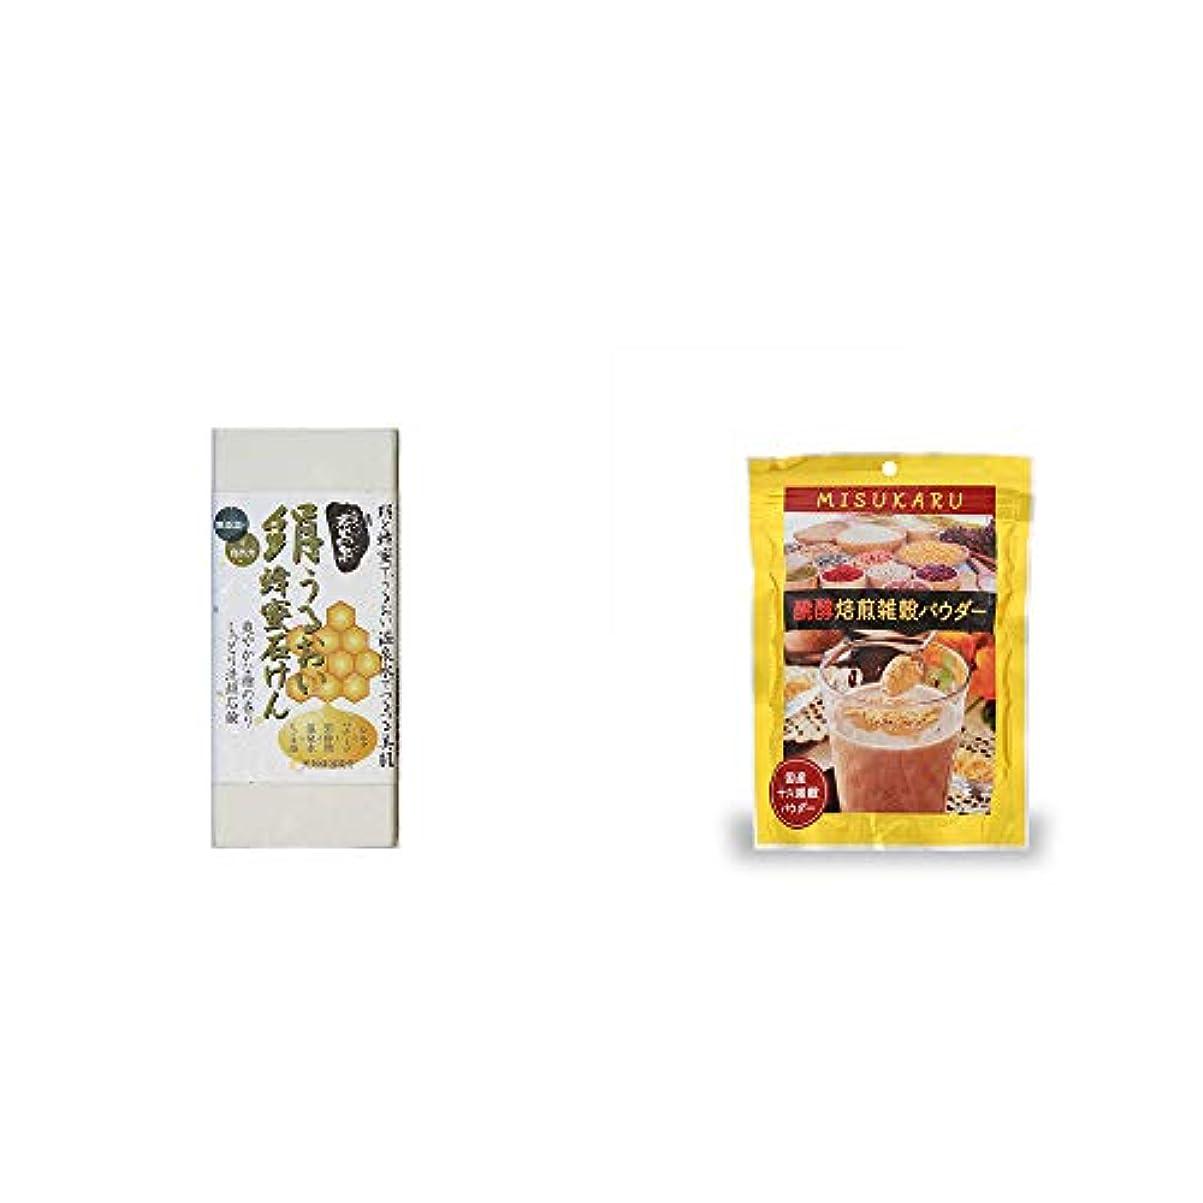 代わりに無心エコー[2点セット] ひのき炭黒泉 絹うるおい蜂蜜石けん(75g×2)?醗酵焙煎雑穀パウダー MISUKARU(ミスカル)(200g)